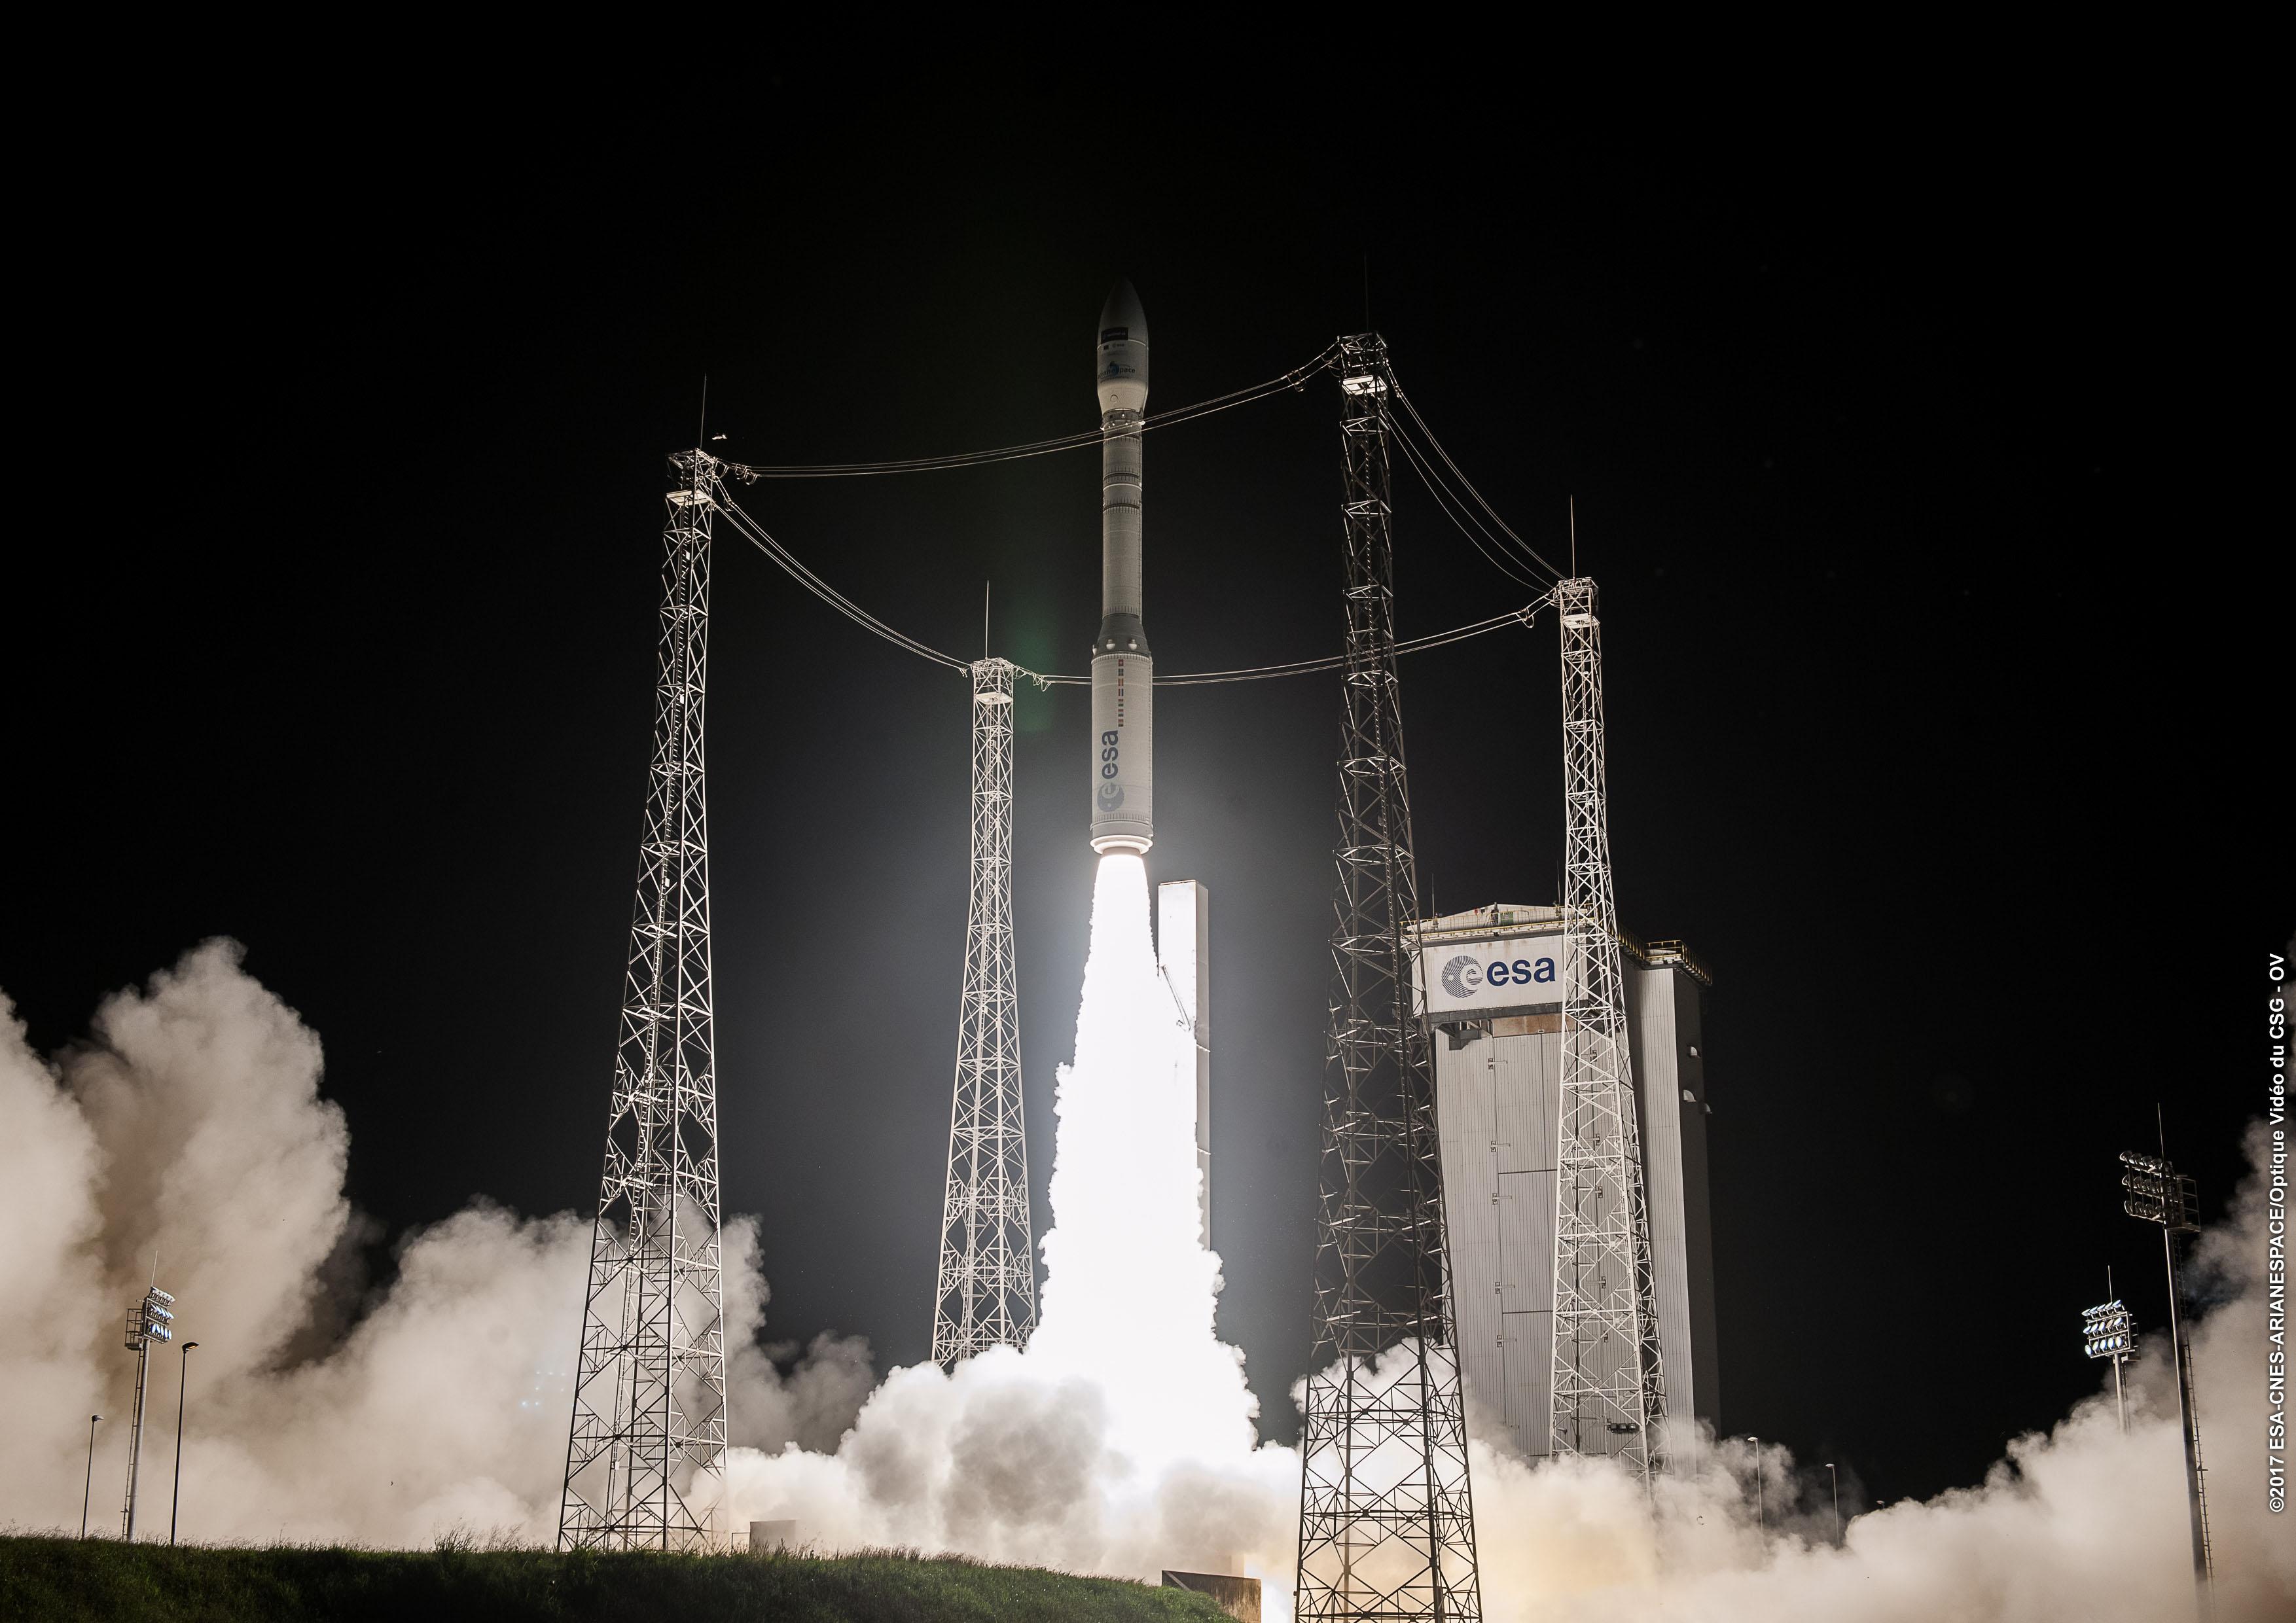 Fallisce il lancio del razzo Vega: anomalia a due minuti dal decollo